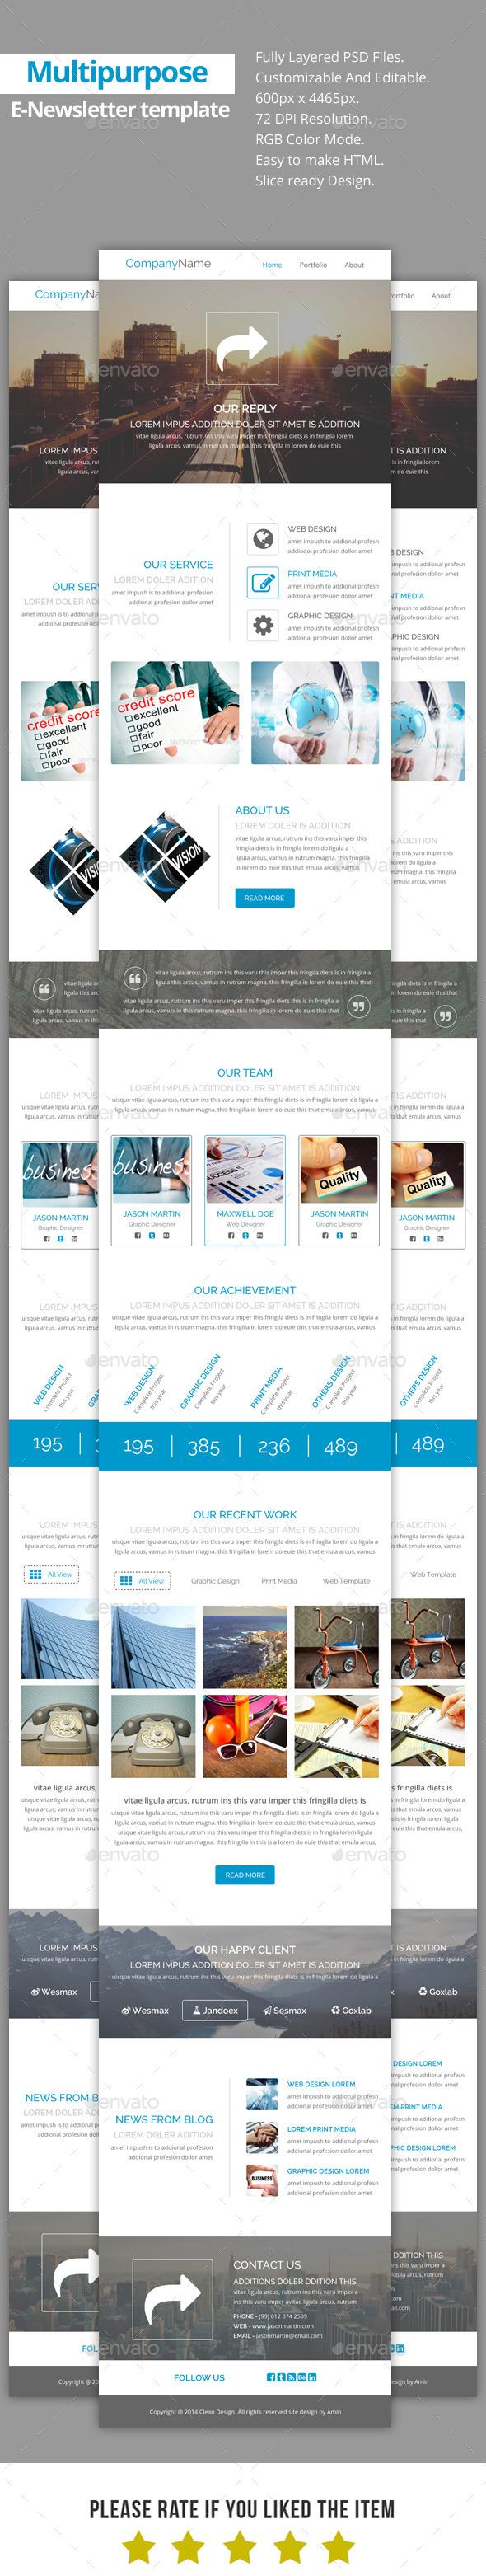 Reply-Multipurpose E-Newsletter Template